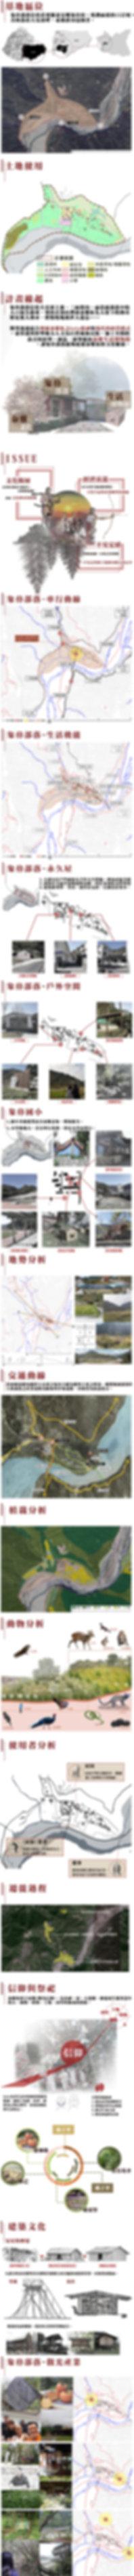 QINNXAN-作品內容1.jpg